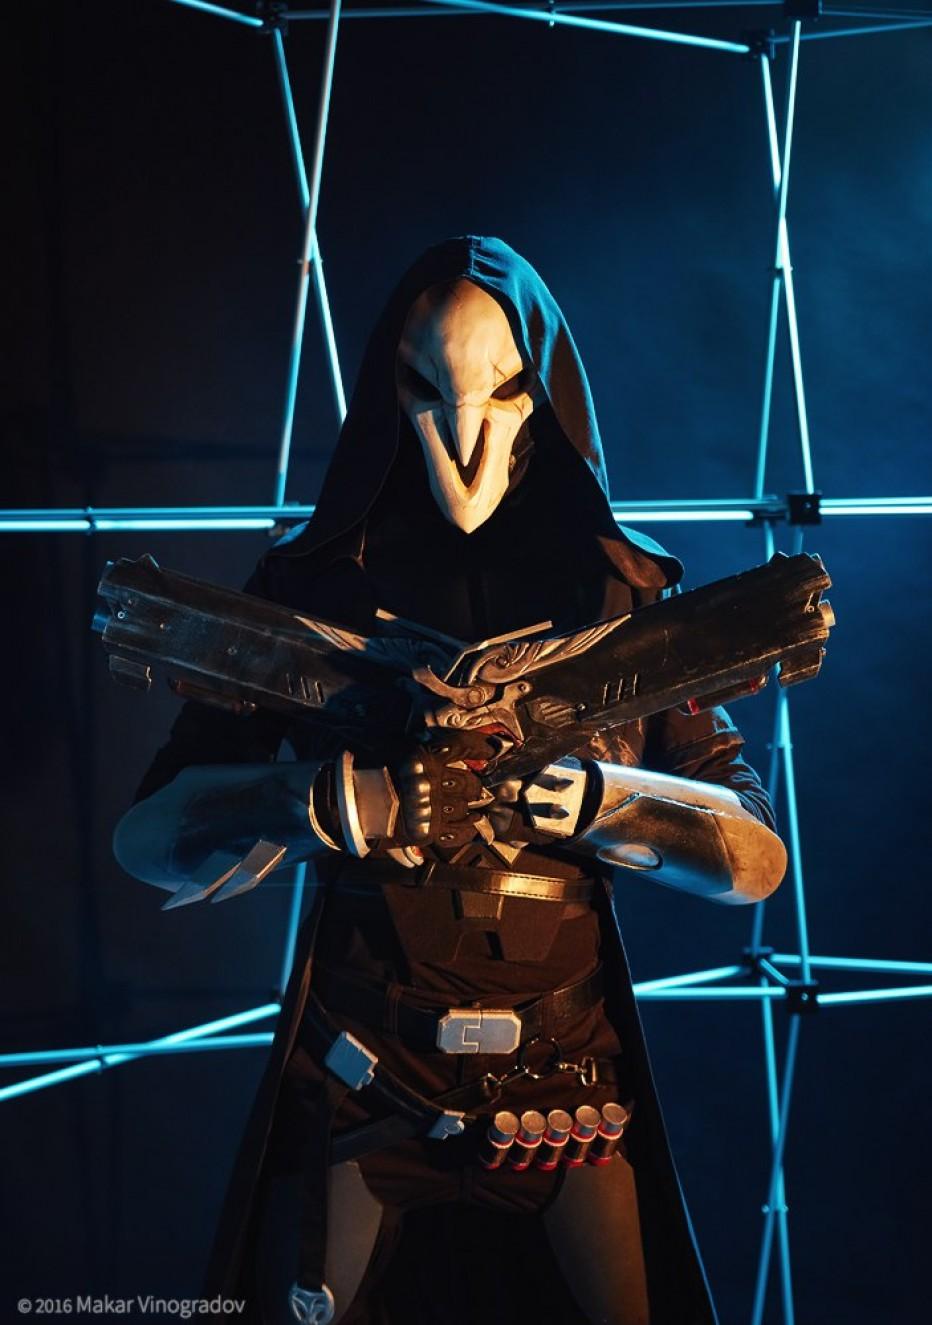 Overwatch-Reaper-Cosplay-Gamers-Heroes-4.jpg